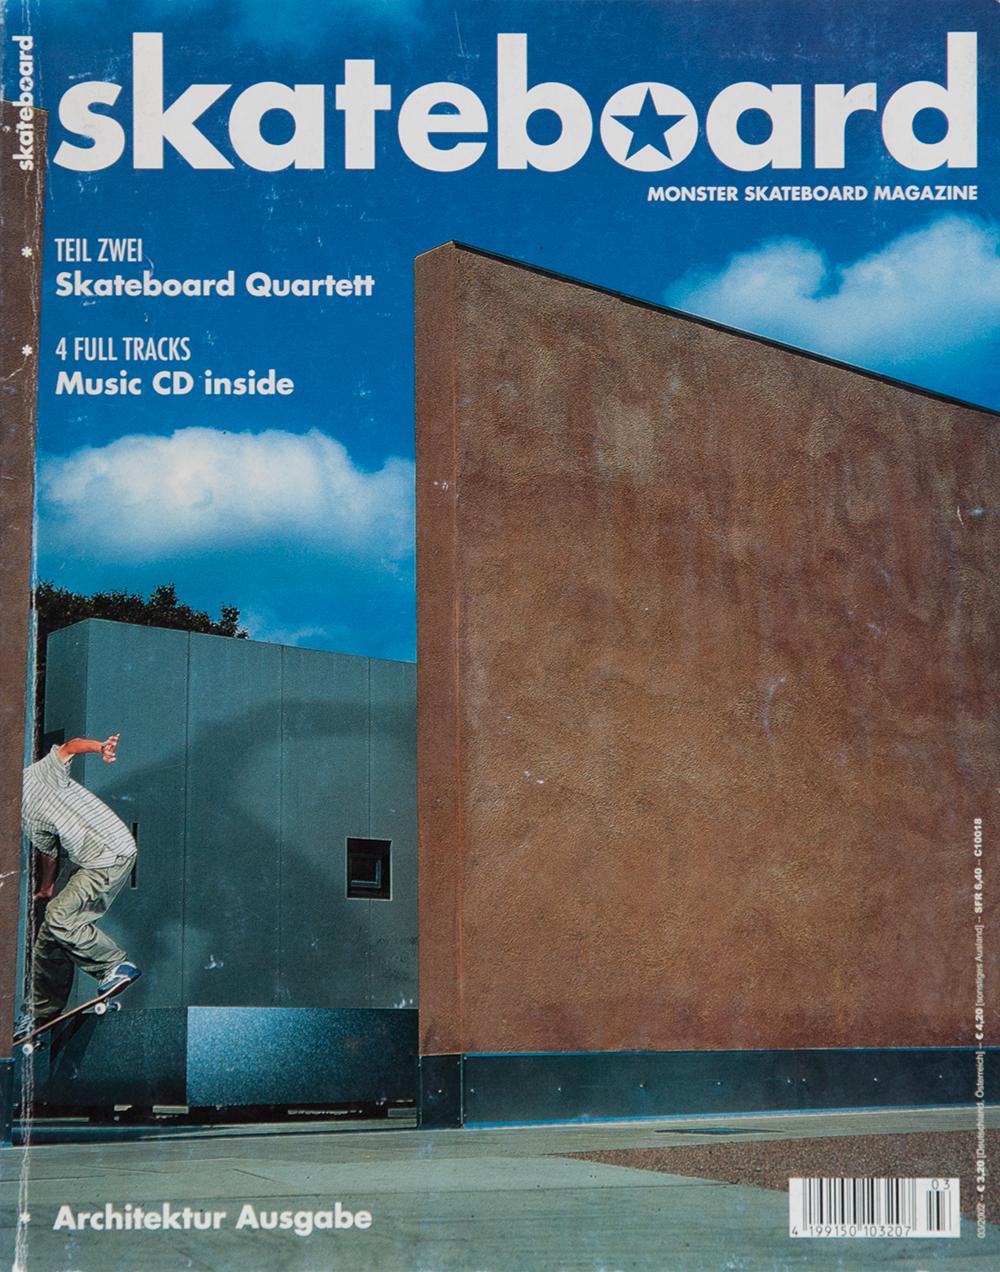 Für das Cover der legedären Architektur-Ausgabe wurde glatt einer geköpft. Armin Löwenstein bekam den Kopf abgeschnitten, war aber dafür später auf der Ausgabe #200 in voller Pracht zu sehen.